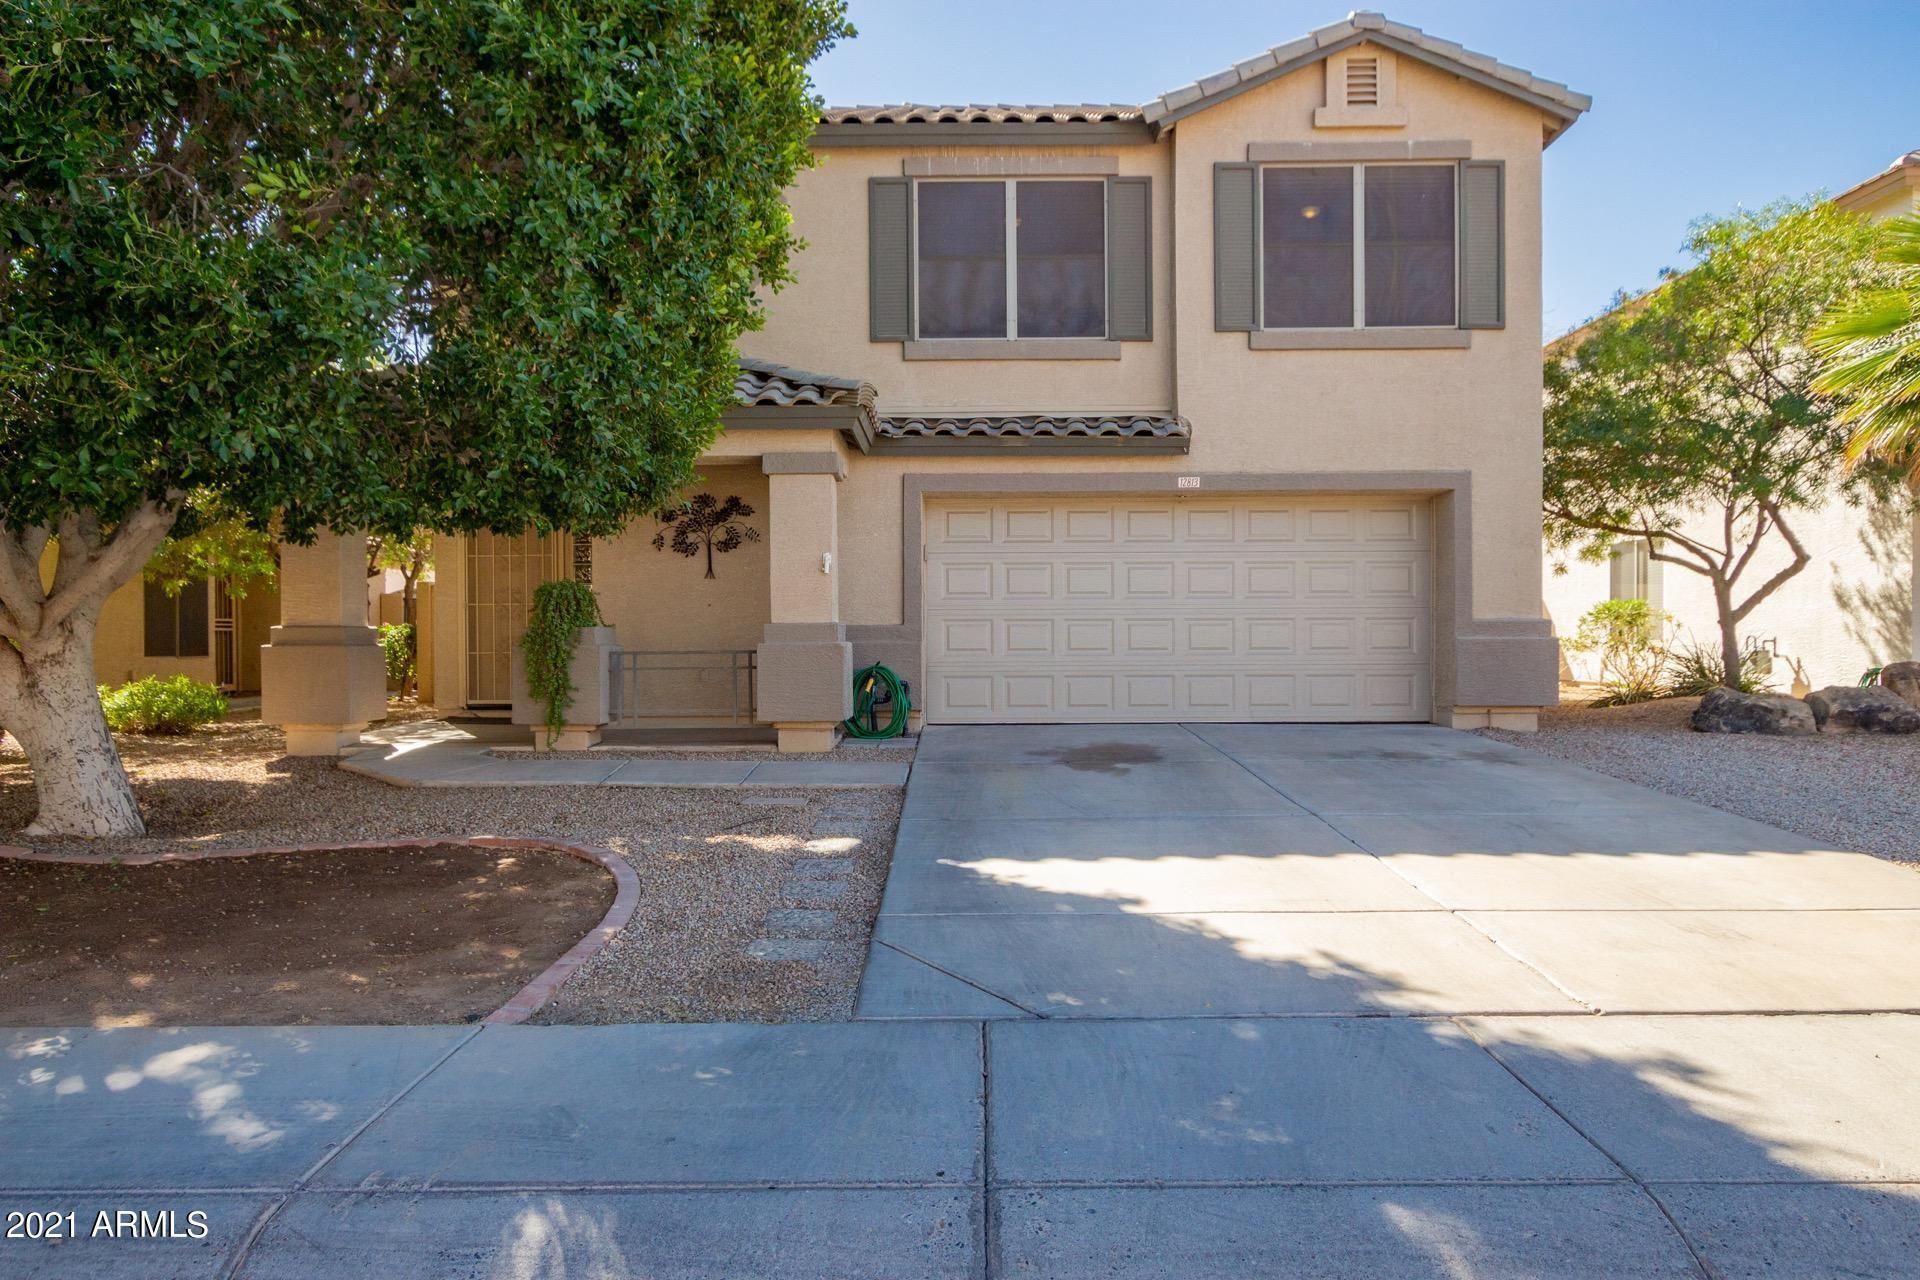 Photo of 12813 W LA REATA Avenue, Avondale, AZ 85392 (MLS # 6199339)